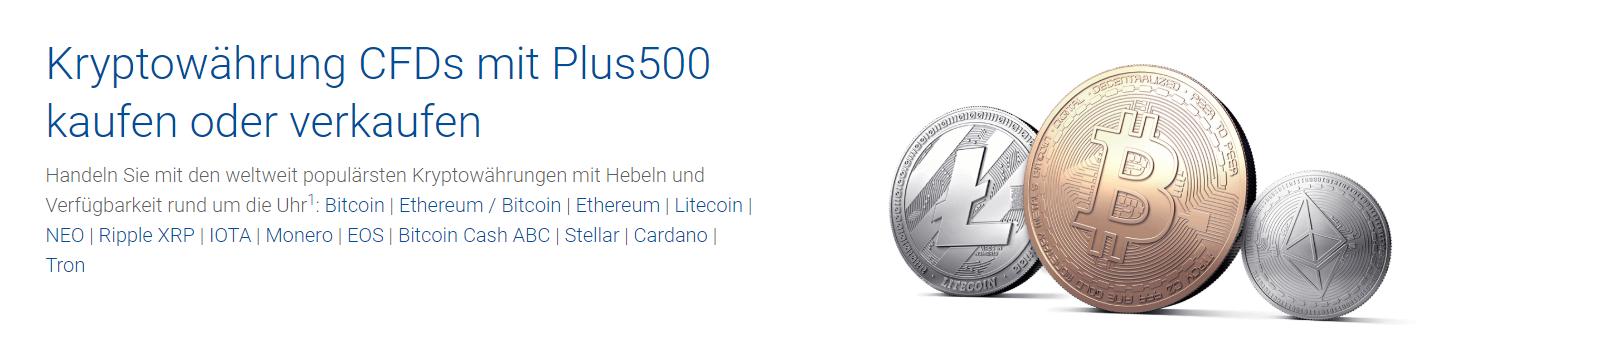 Handeln Sie Kryptowährungen auf CFDs mit Plus500